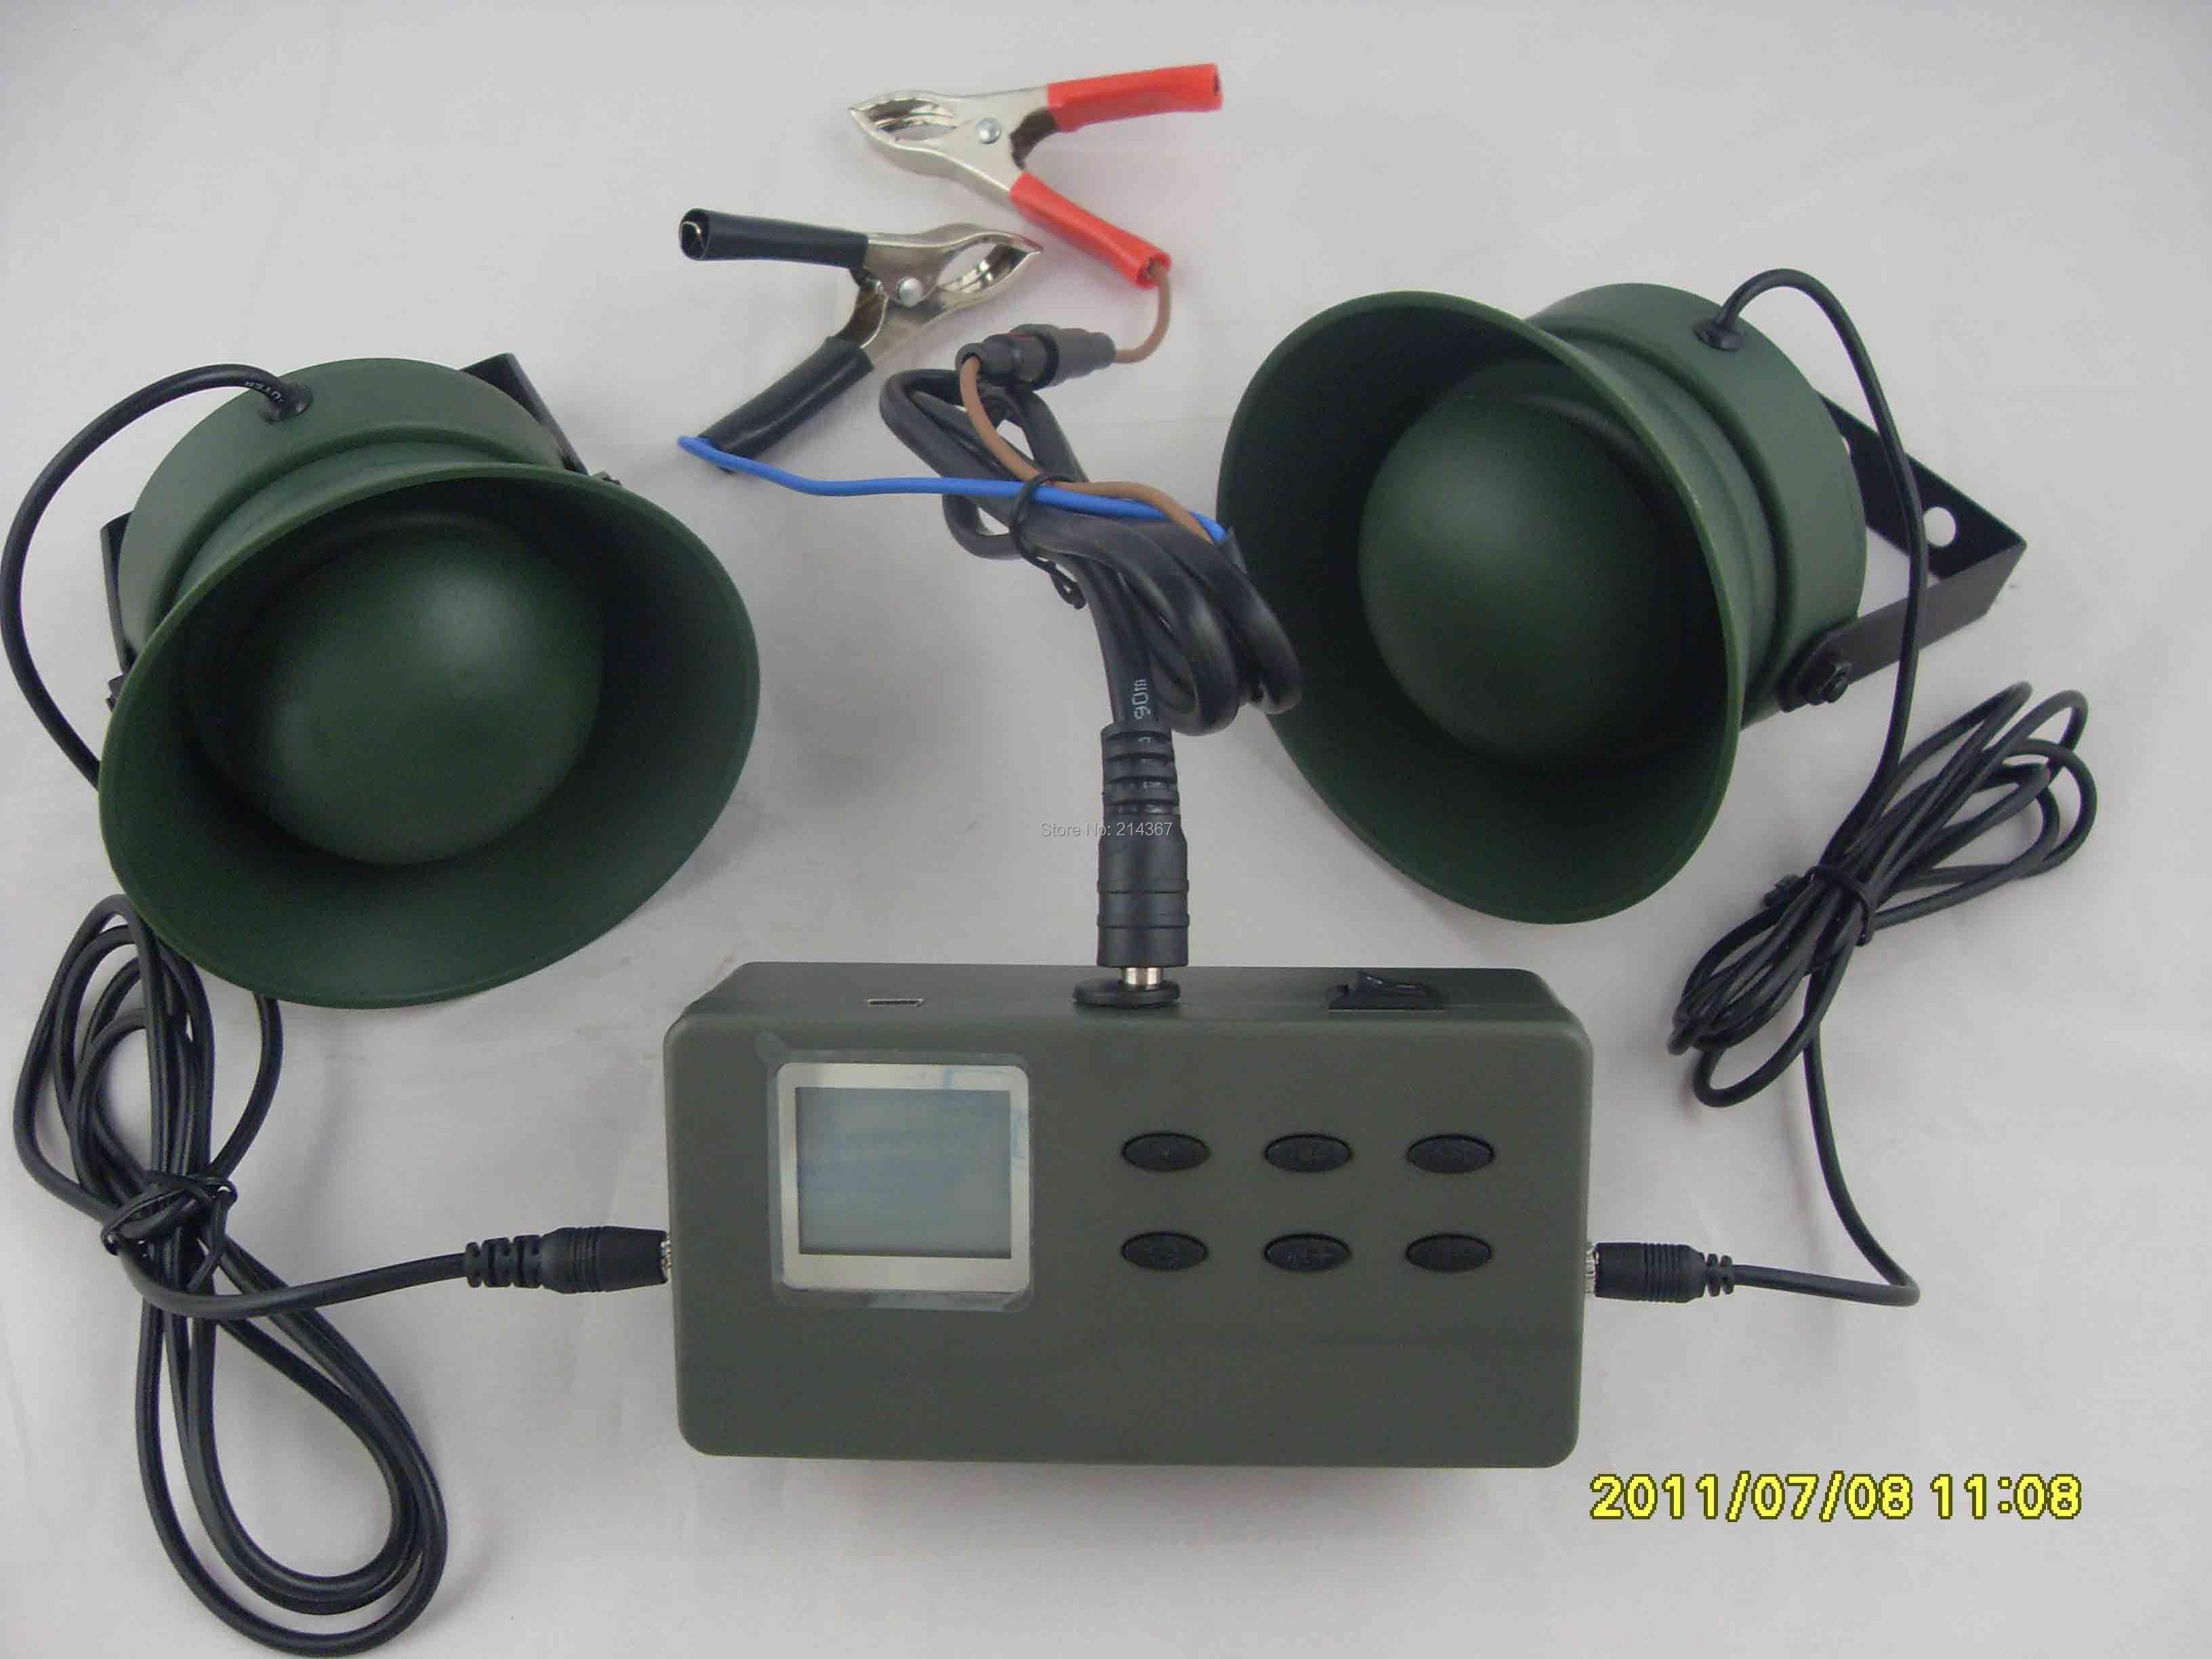 Wild Bird 35w Power Speaker Wild Hunting Bird Calls Bird Sound MP3 Players Turkey Bird Caller bird